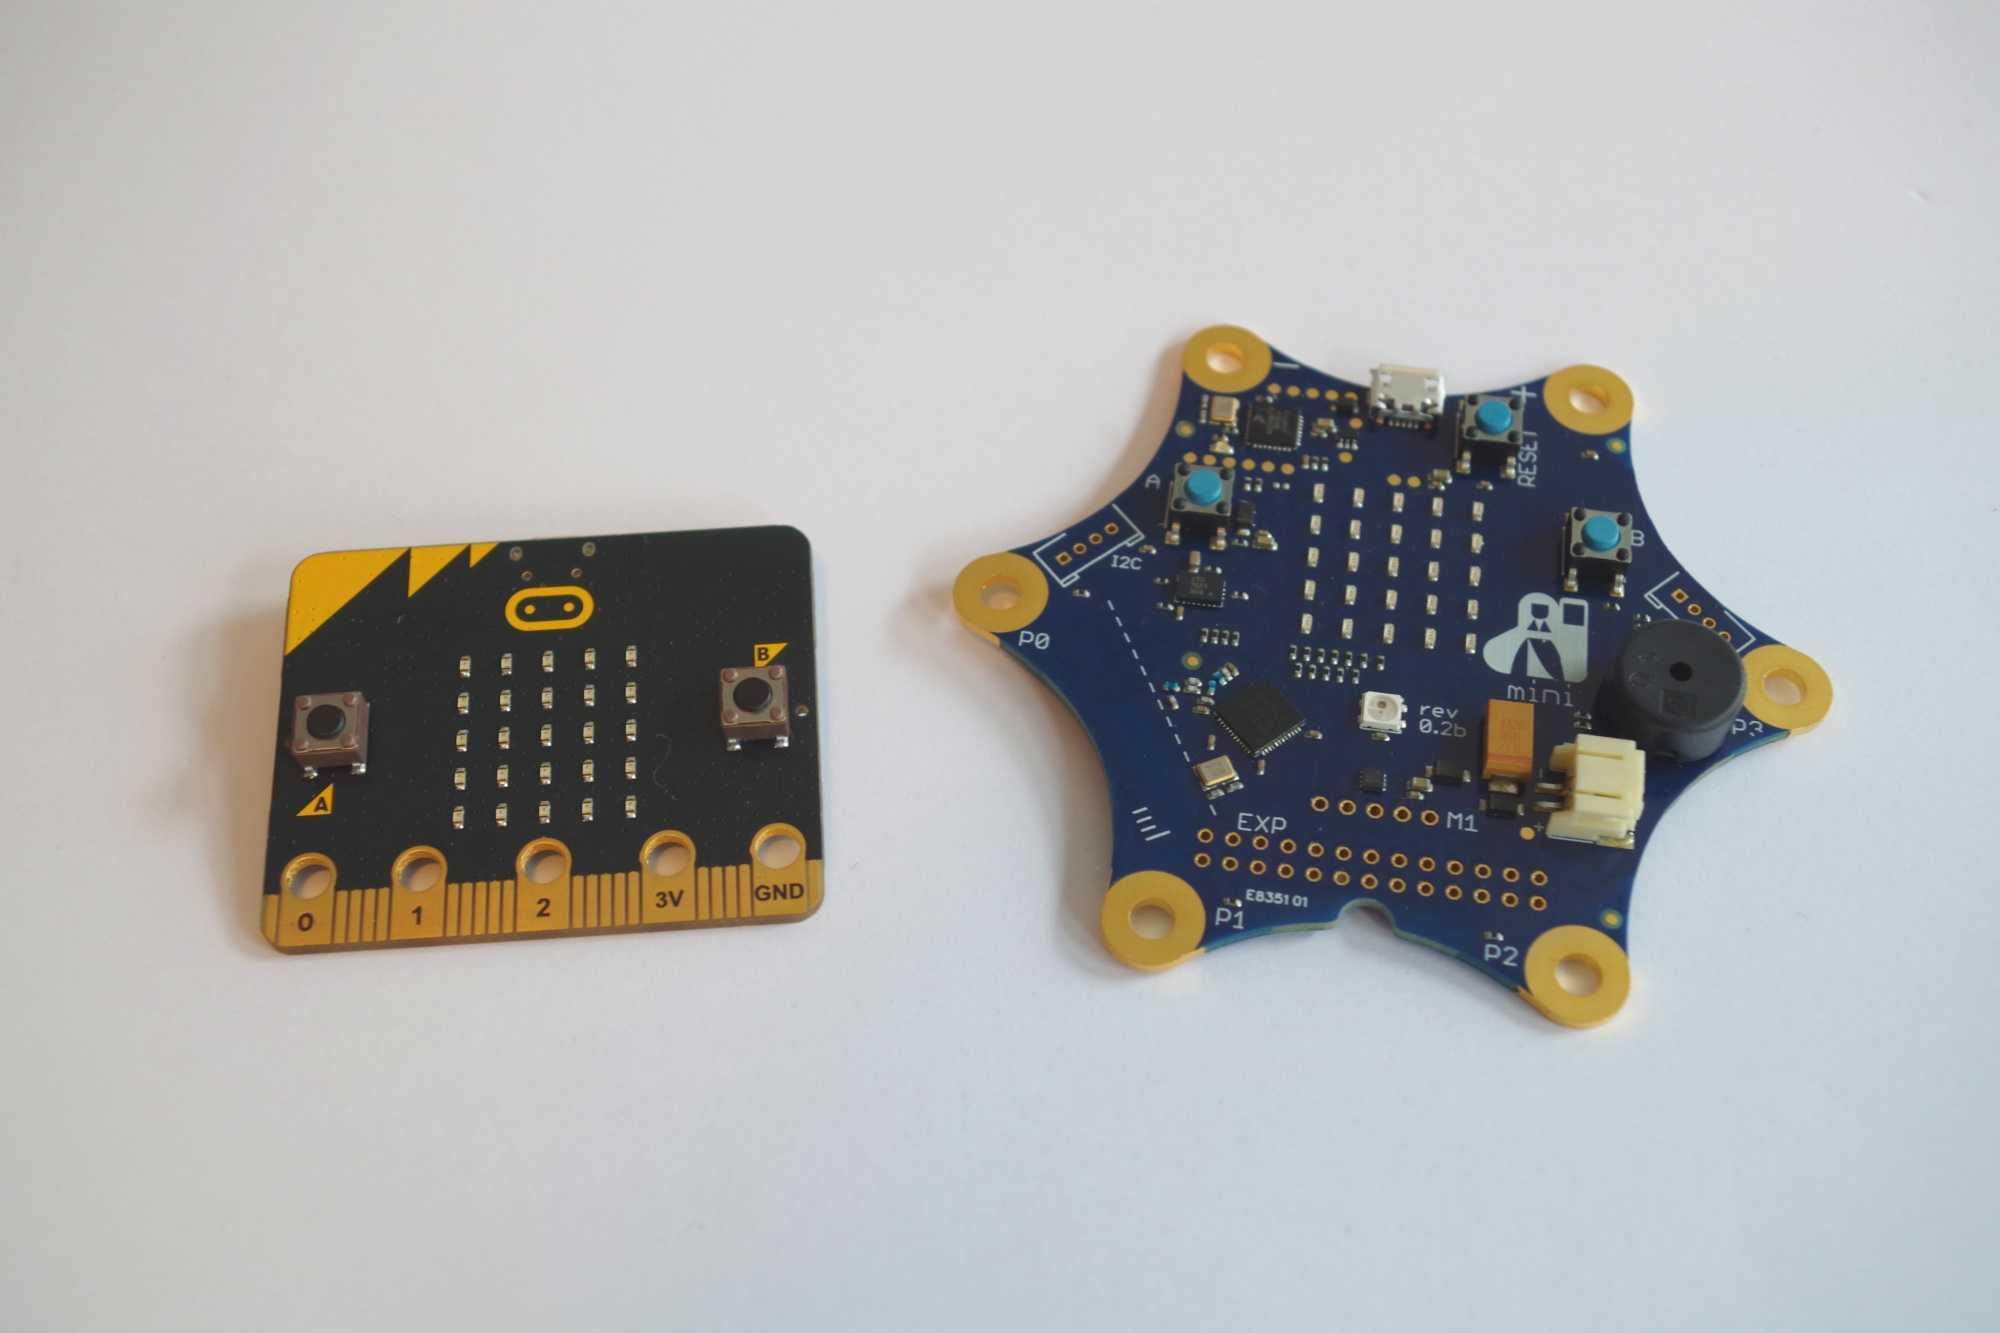 BBC MicroBit und Calliope im direkten Vergleich